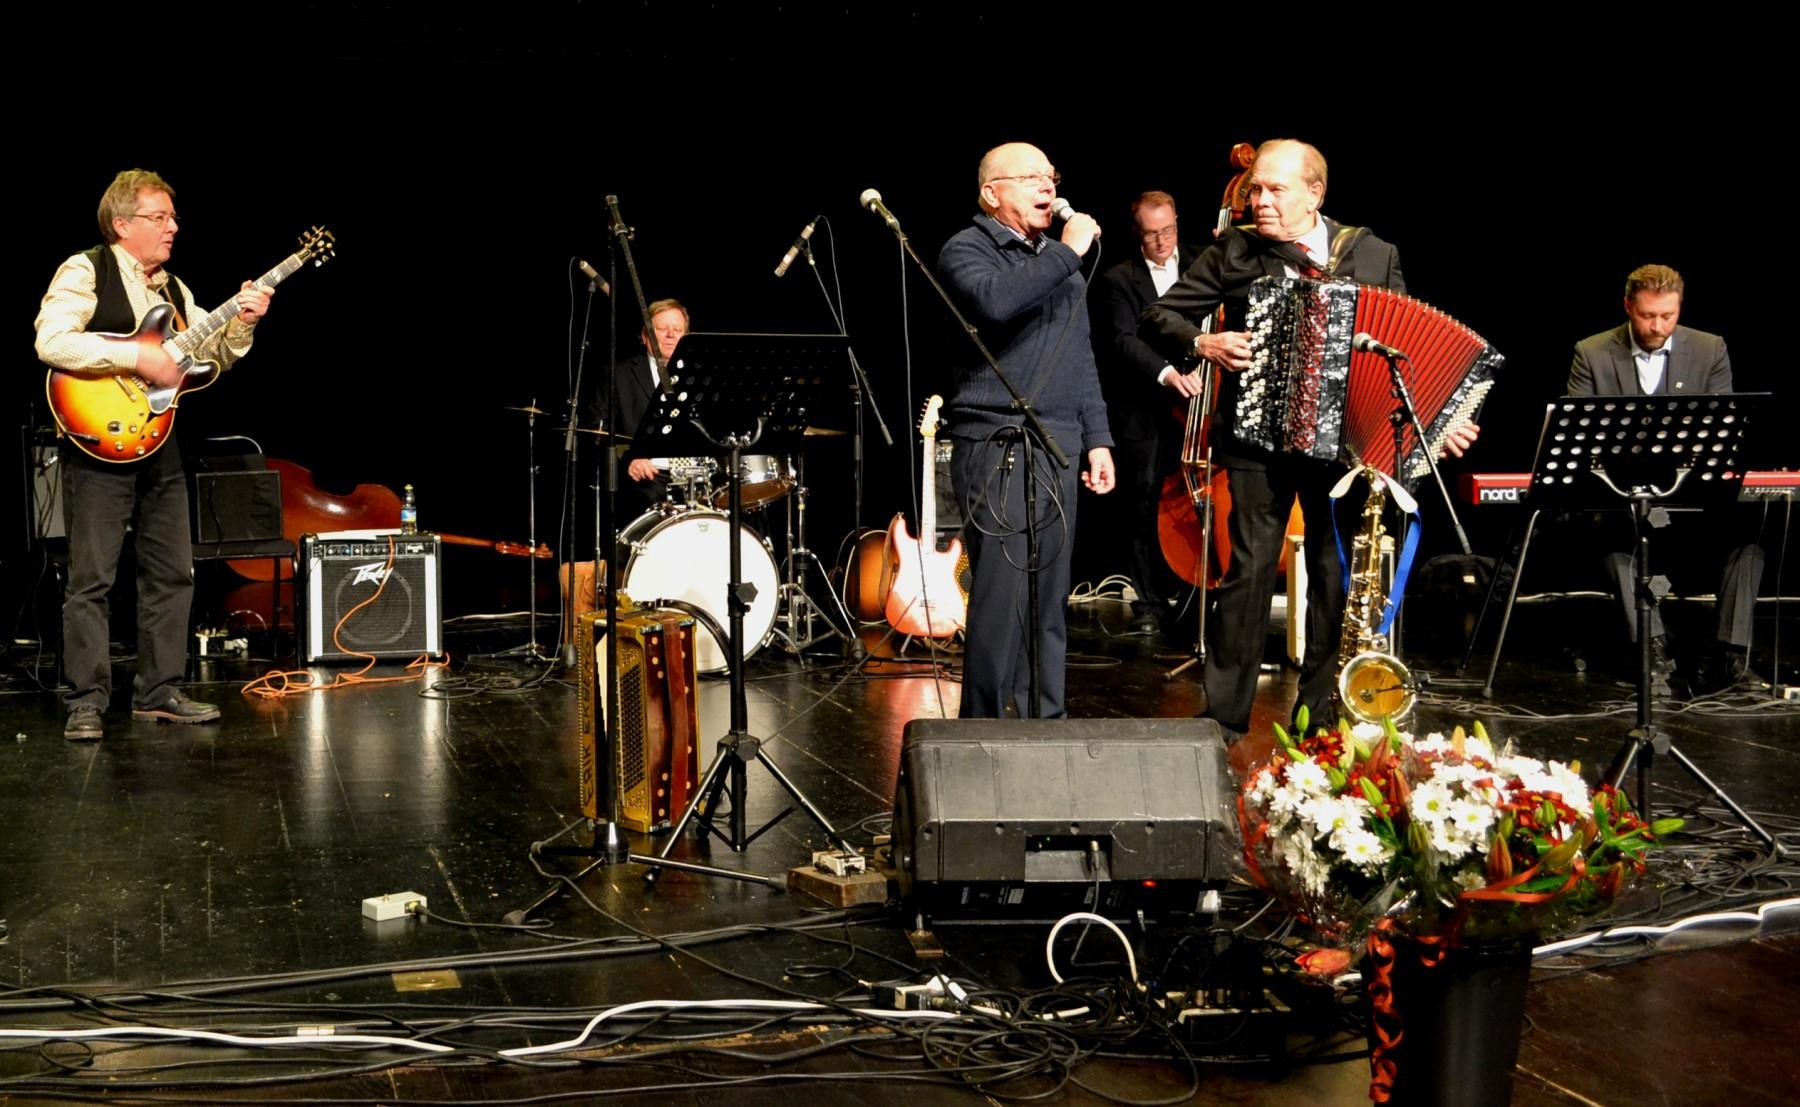 Webbredaktören Jan Olsson lockades upp på scenen för att medverka i Vals på Österskär, en komposition av Ebbe Jularbo som föddes för 100 år sedan.